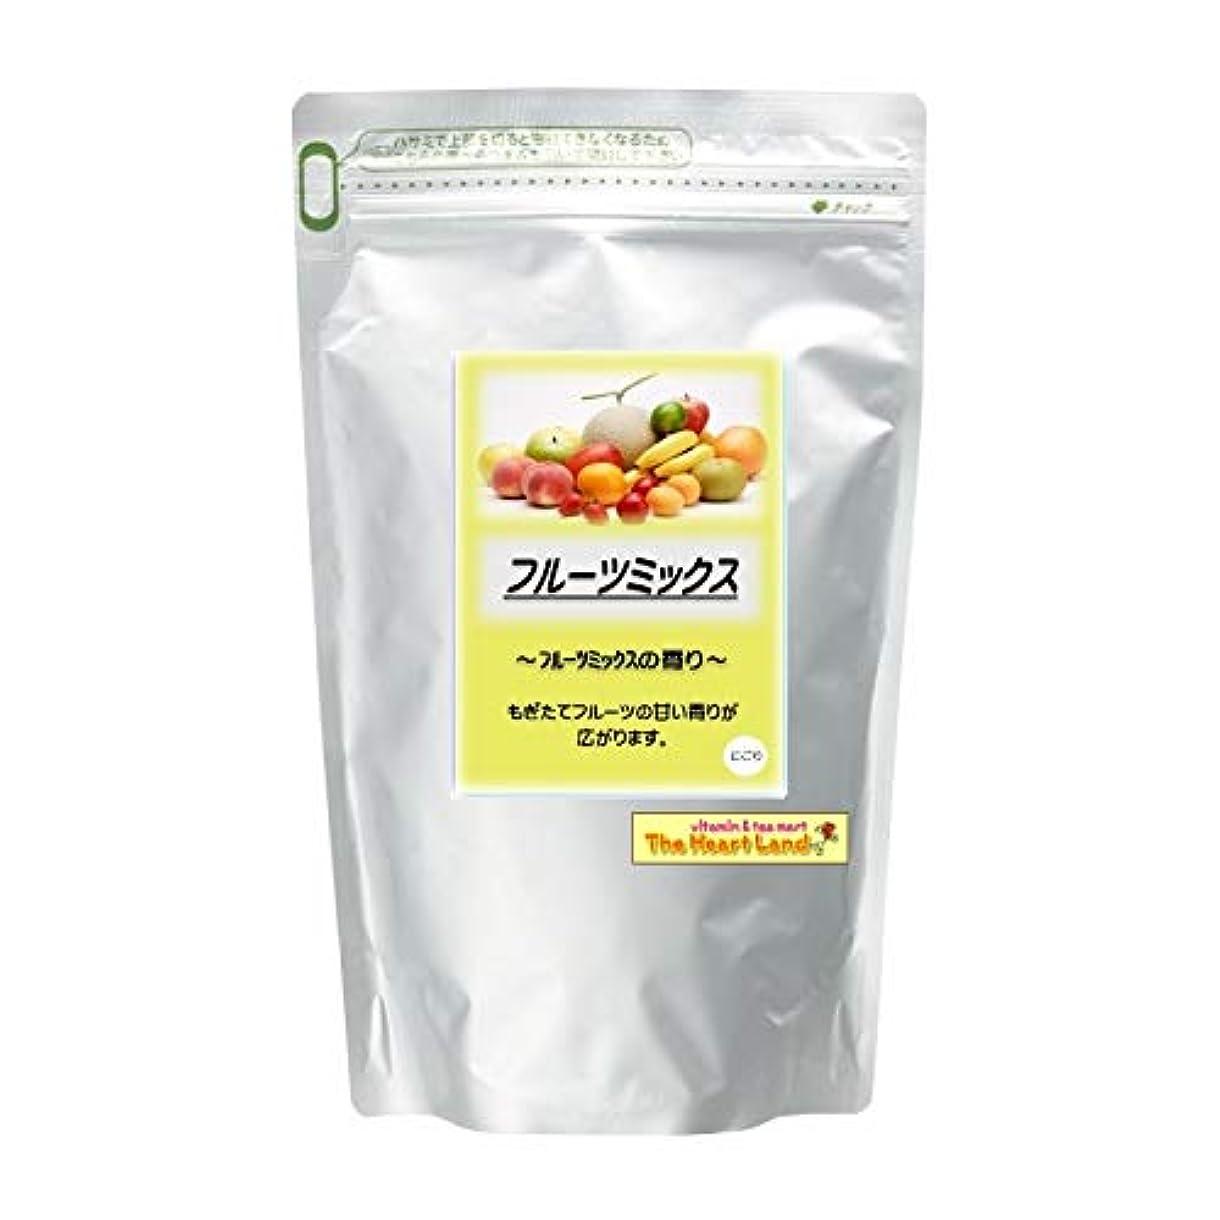 知覚する干ばつ弾丸アサヒ入浴剤 浴用入浴化粧品 フルーツミックス 2.5kg